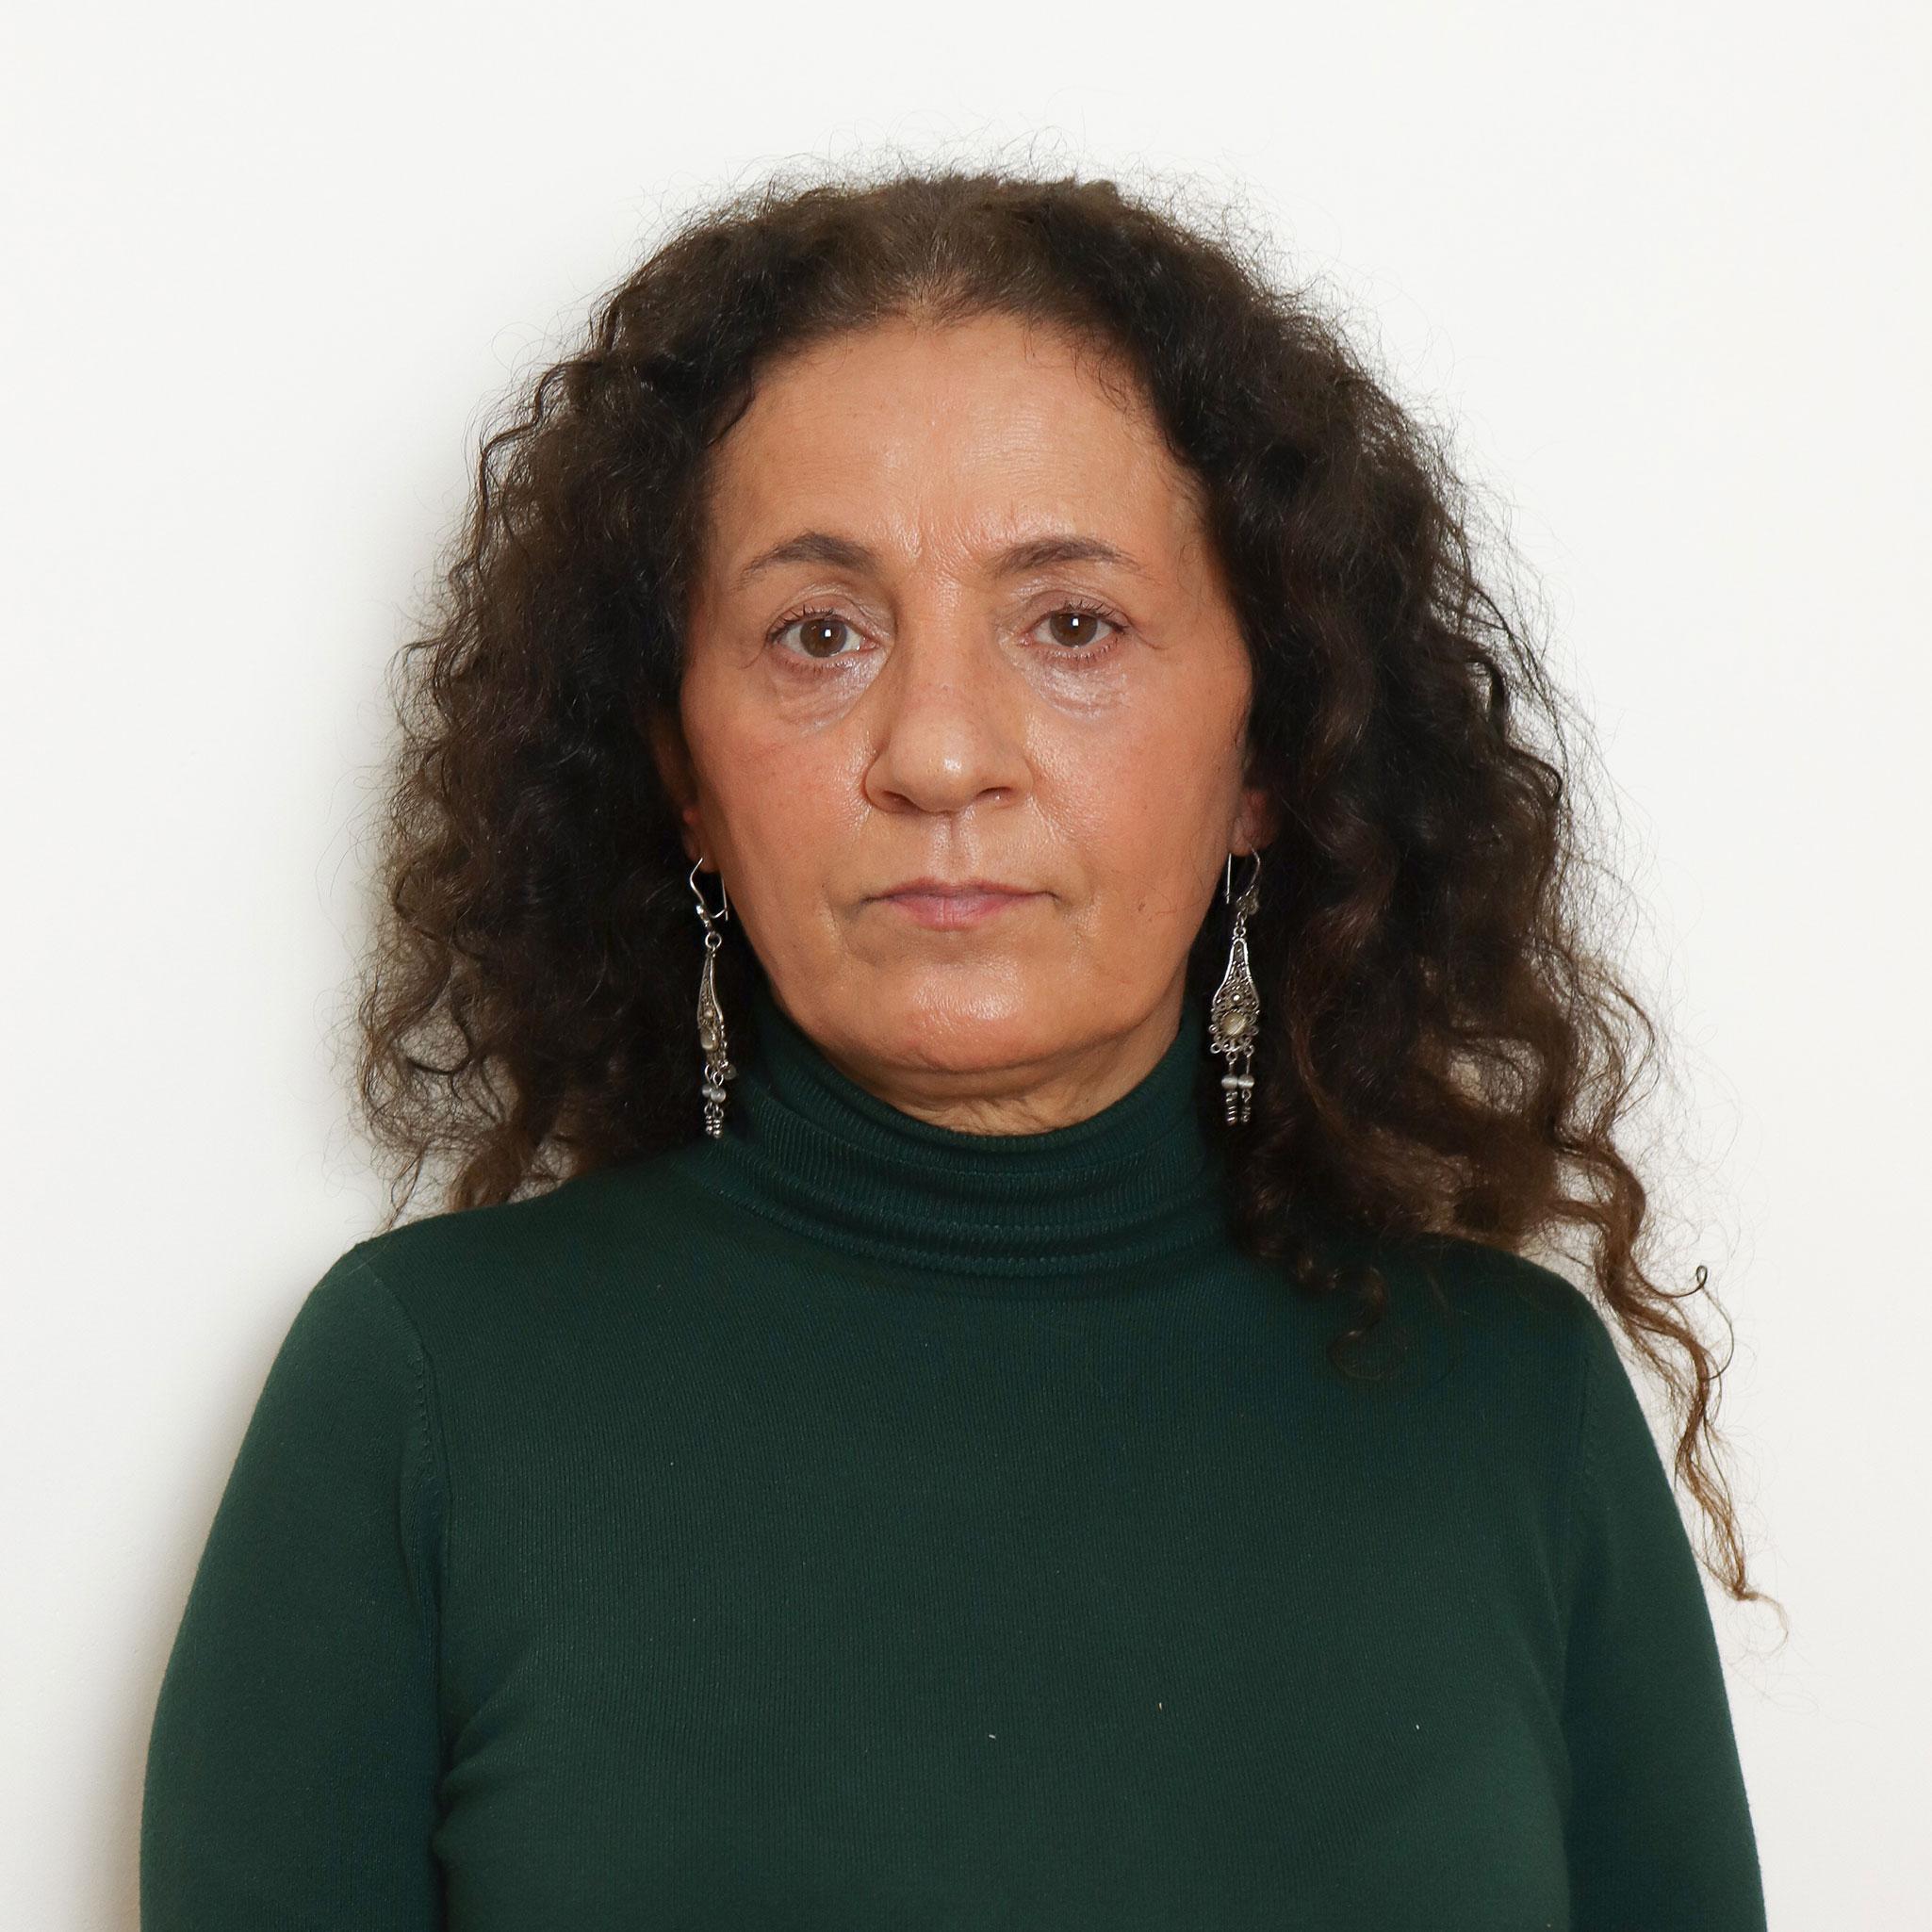 Julia Sánchez Marín